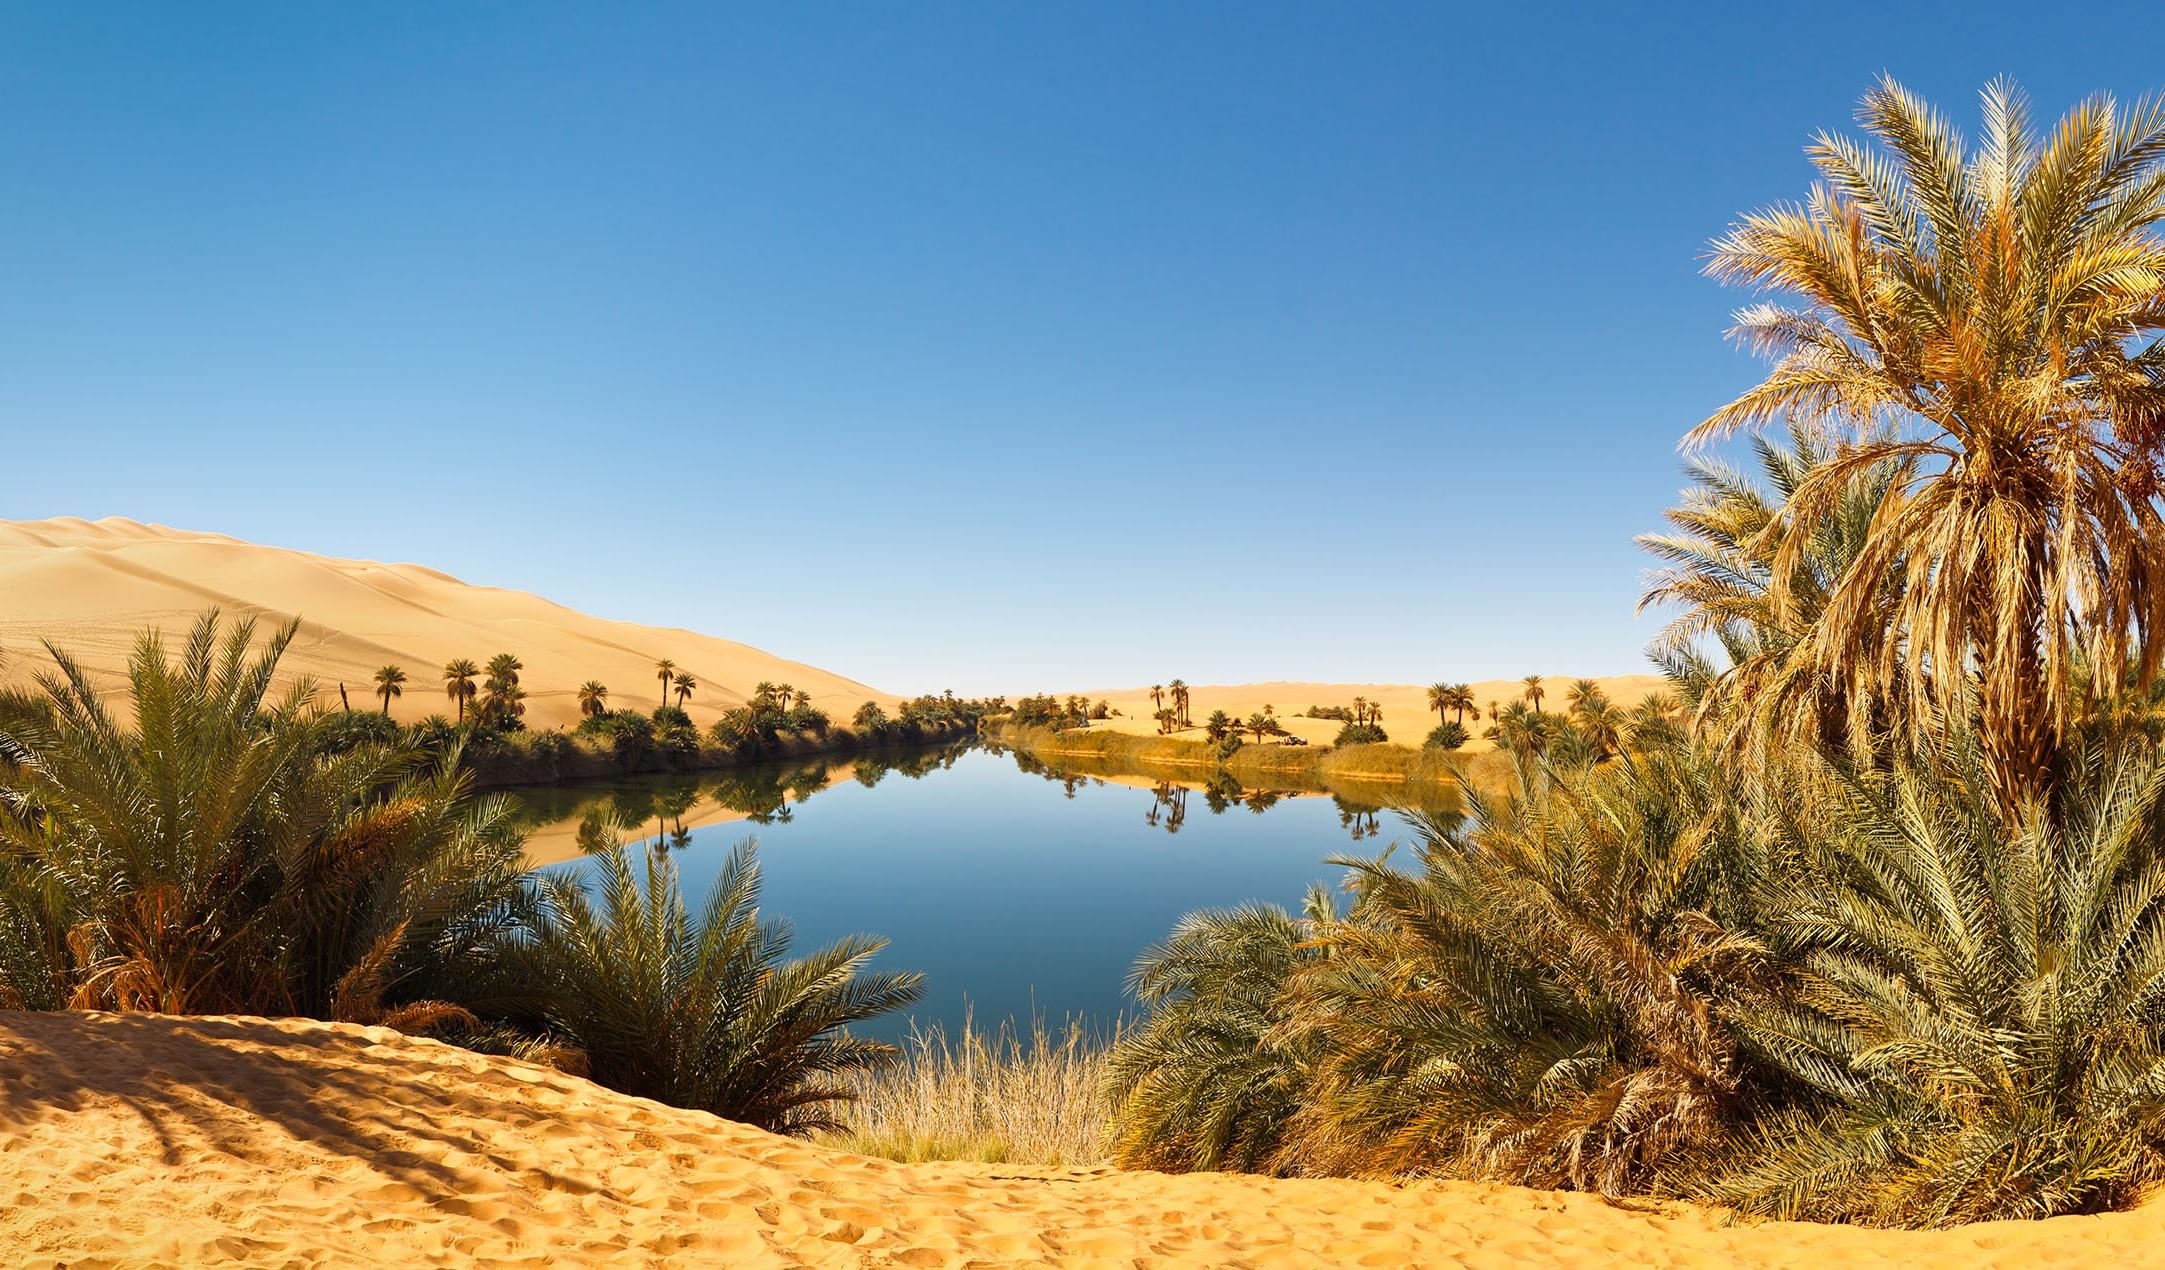 Пять подлинных оазисов в пустыне, которые заставят вас затаить дыхание